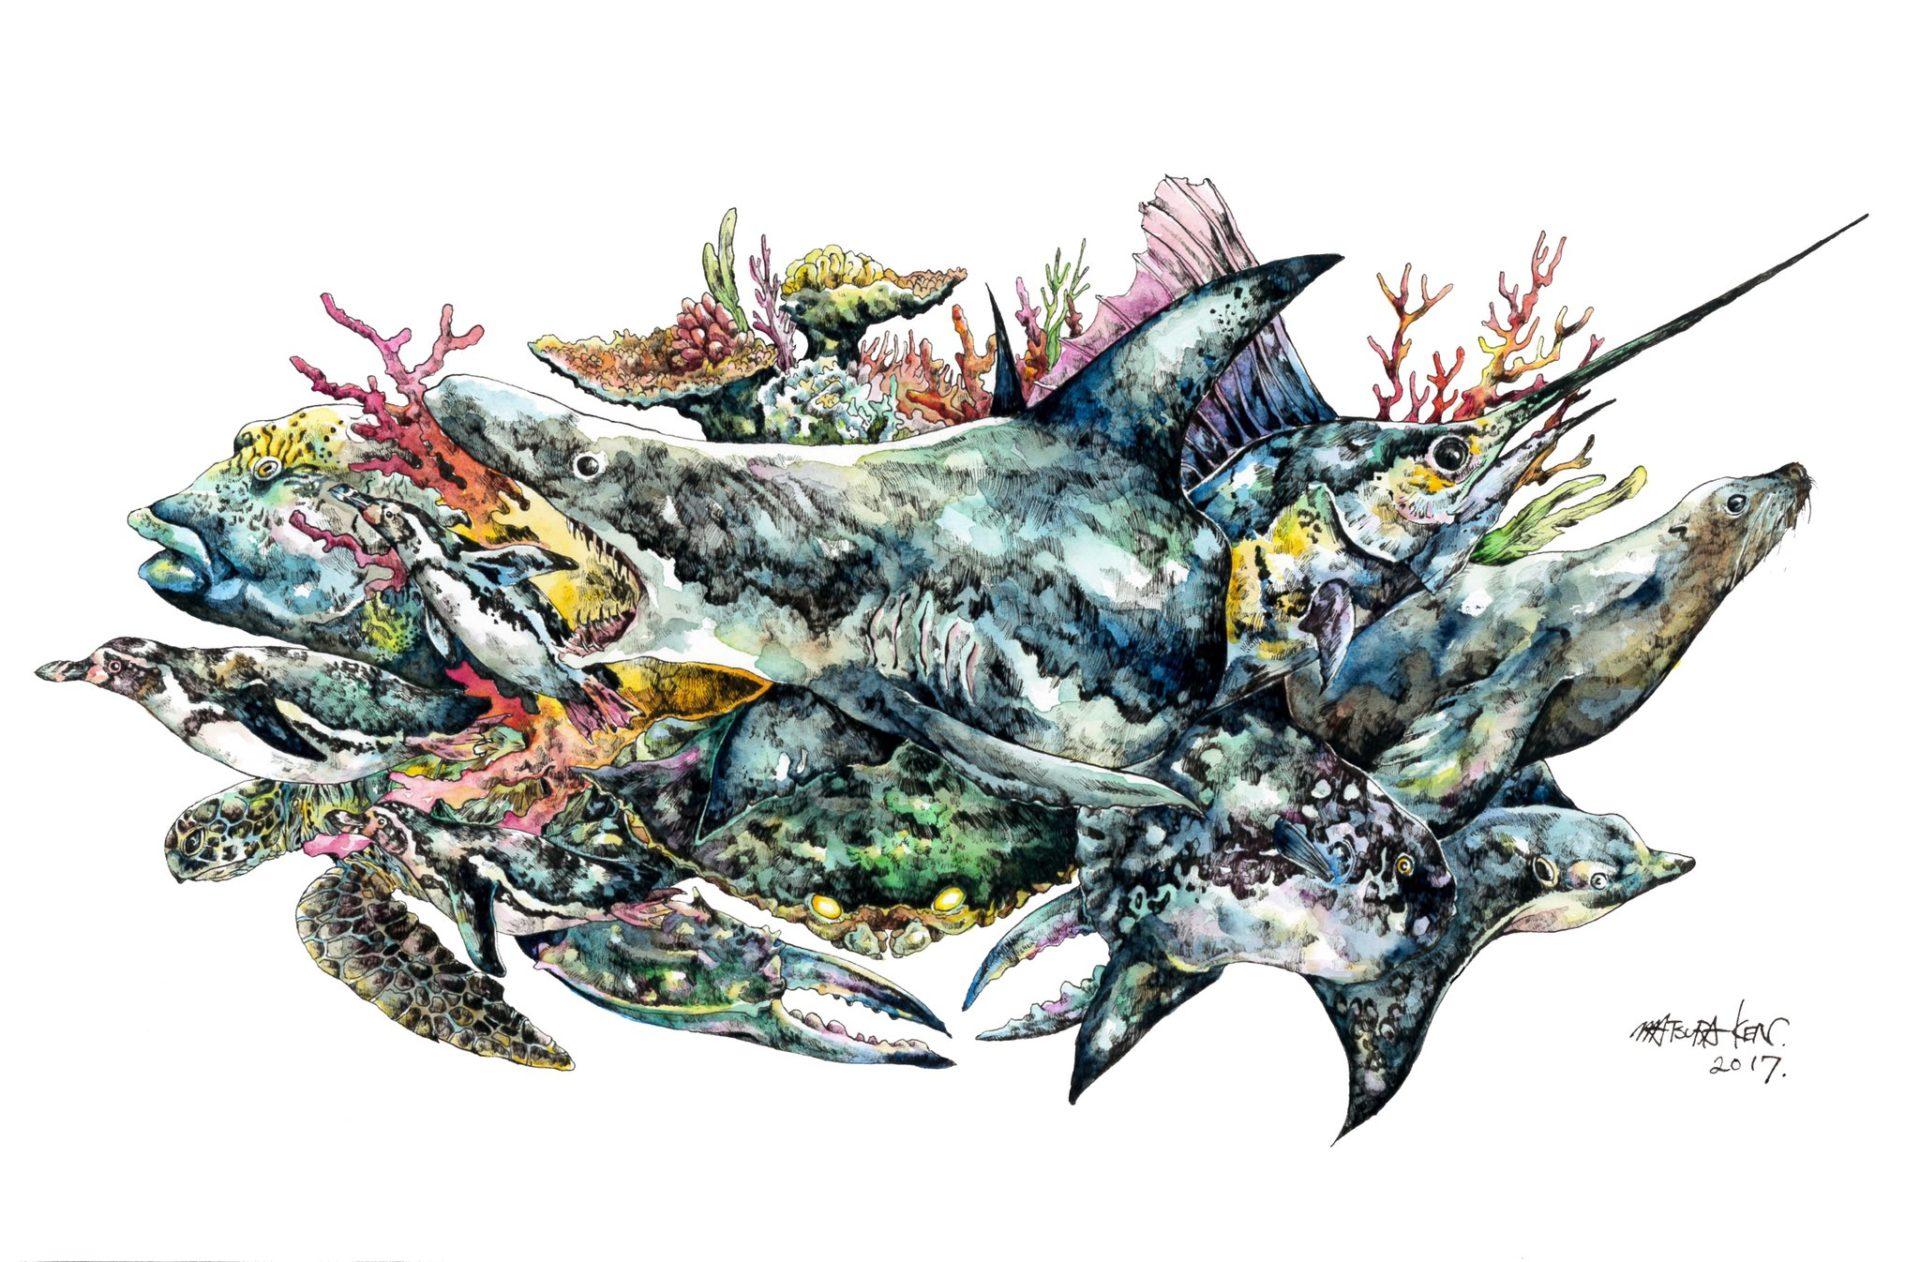 Illustrations by Ken Matsuda